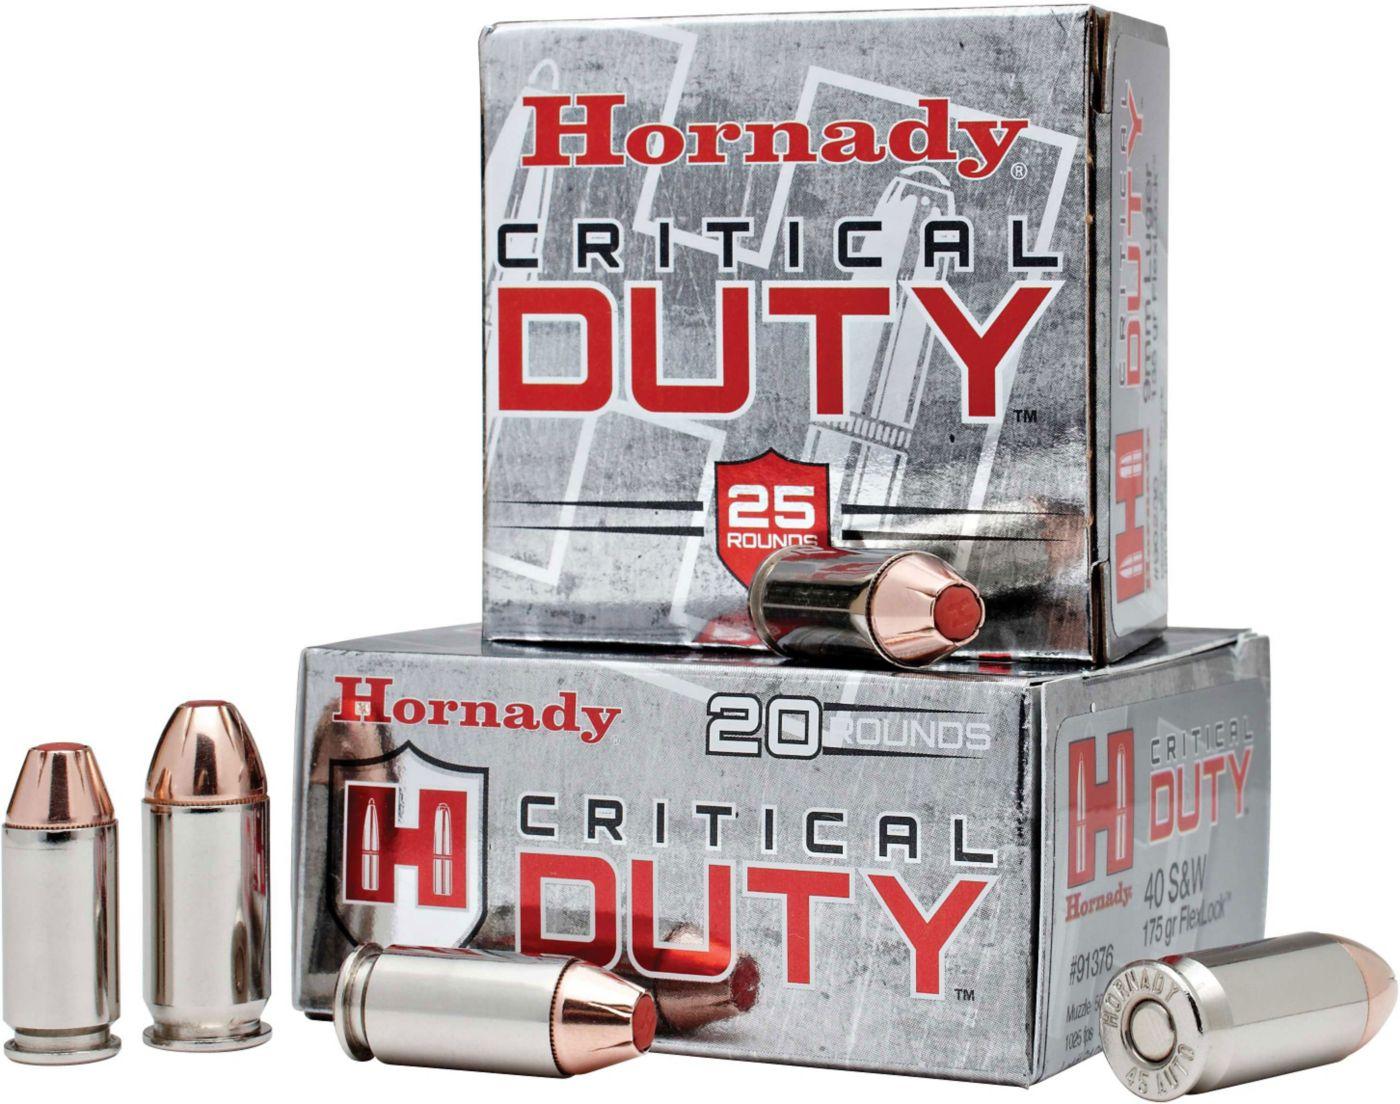 Hornady Critical DUTY Handgun Ammo – 20 Rounds